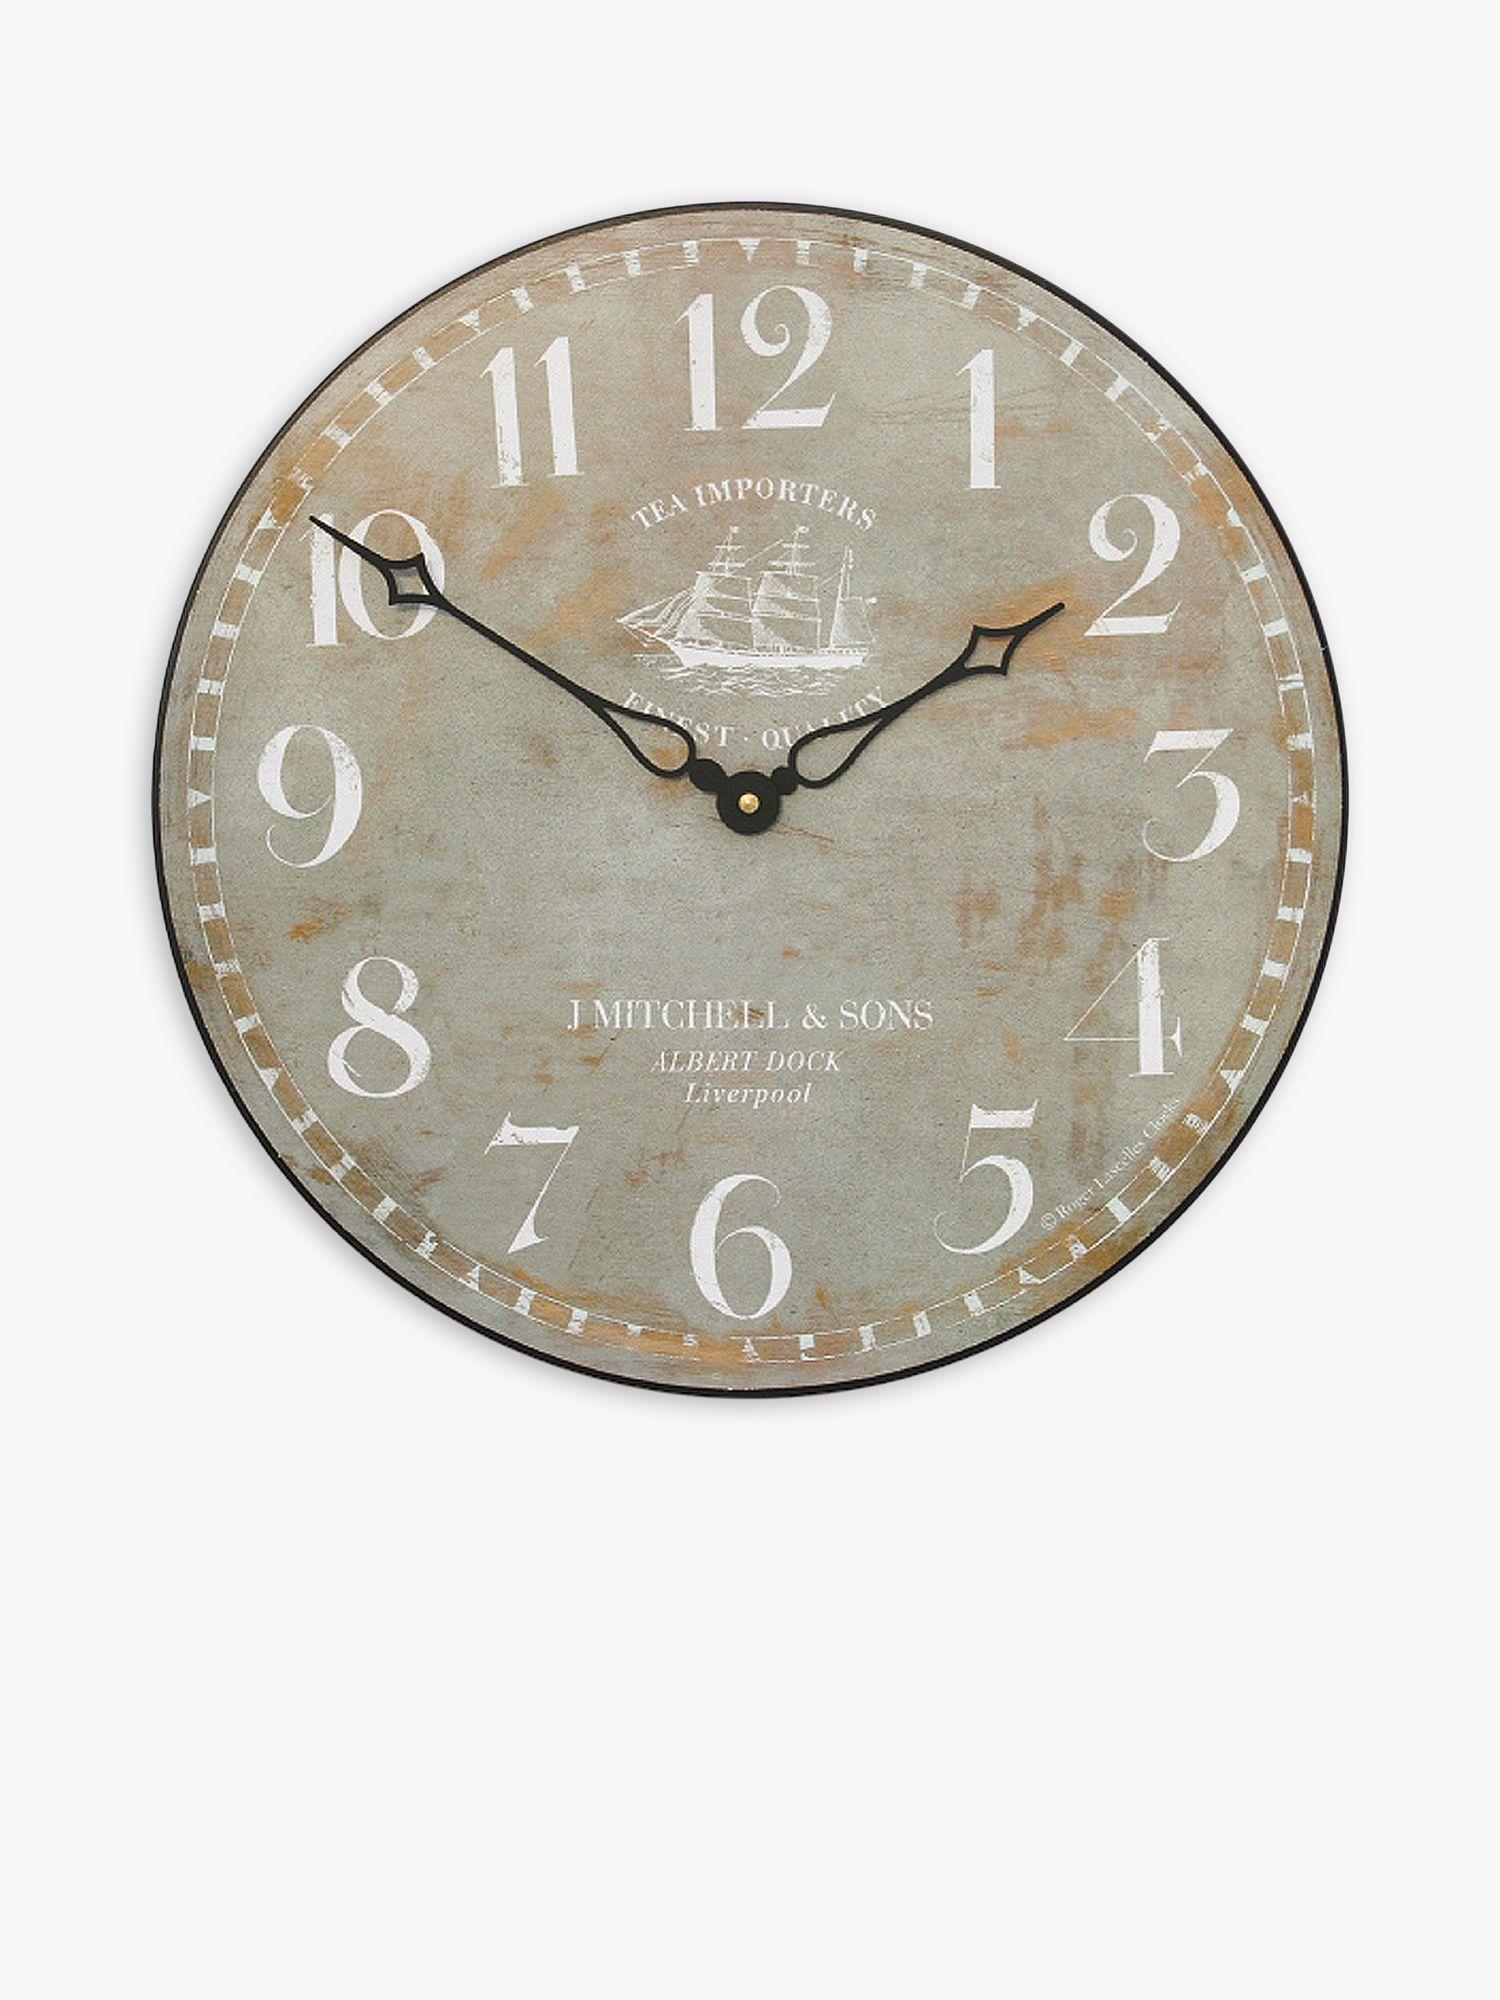 Lascelles Lascelles Tea Clipper Ship Wall Clock